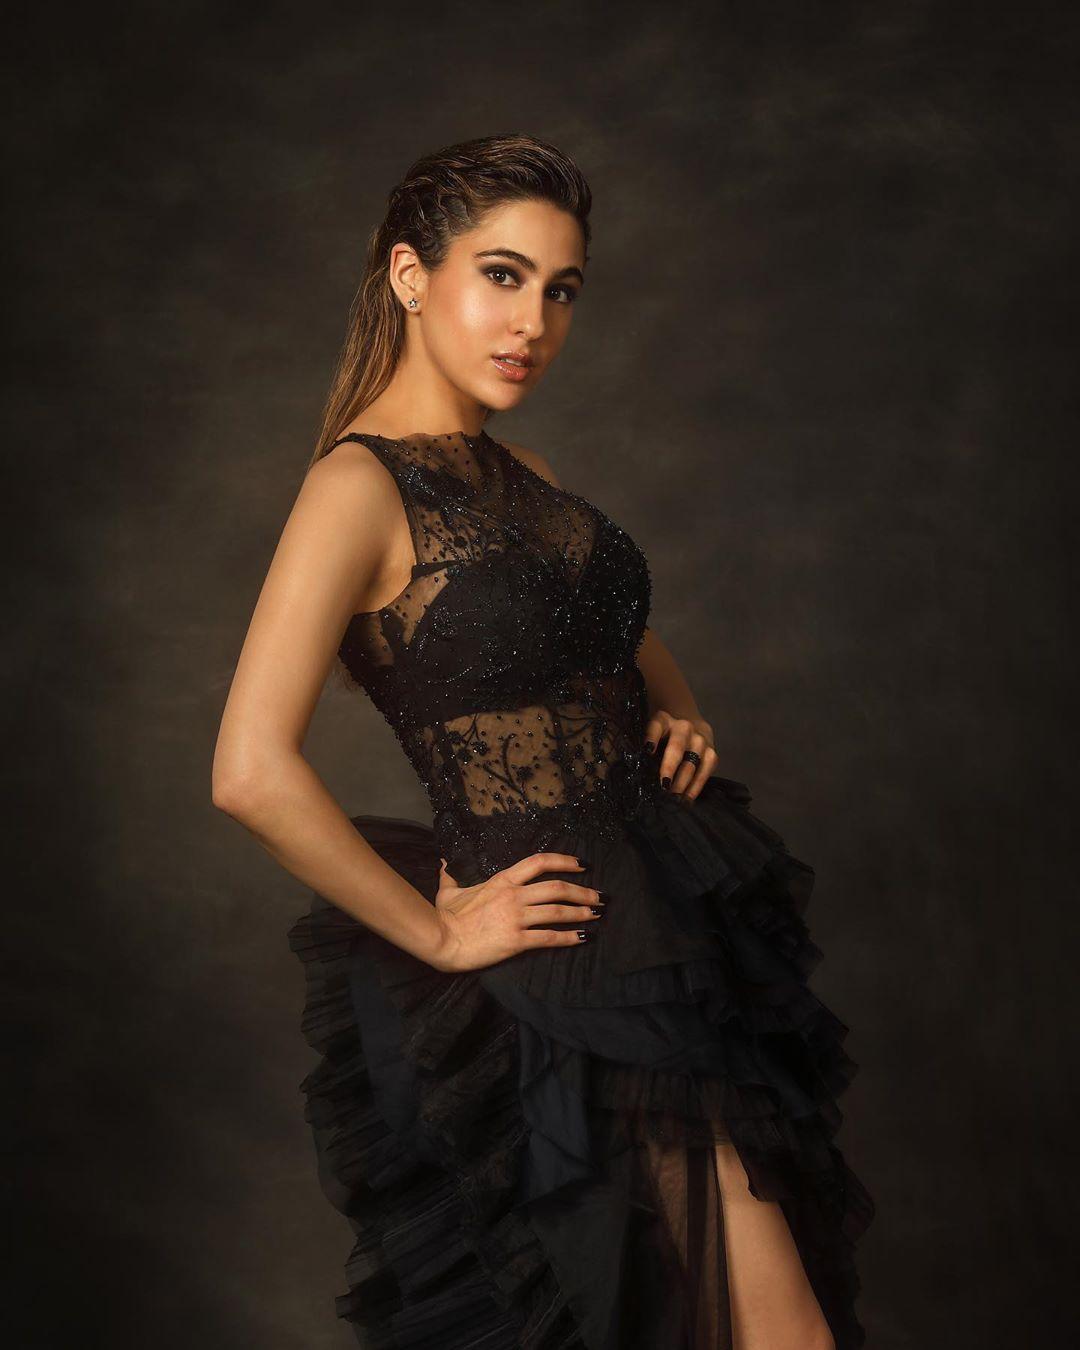 Sara-Ali-Khan-Wallpapers-Insta-Fit-Bio-2